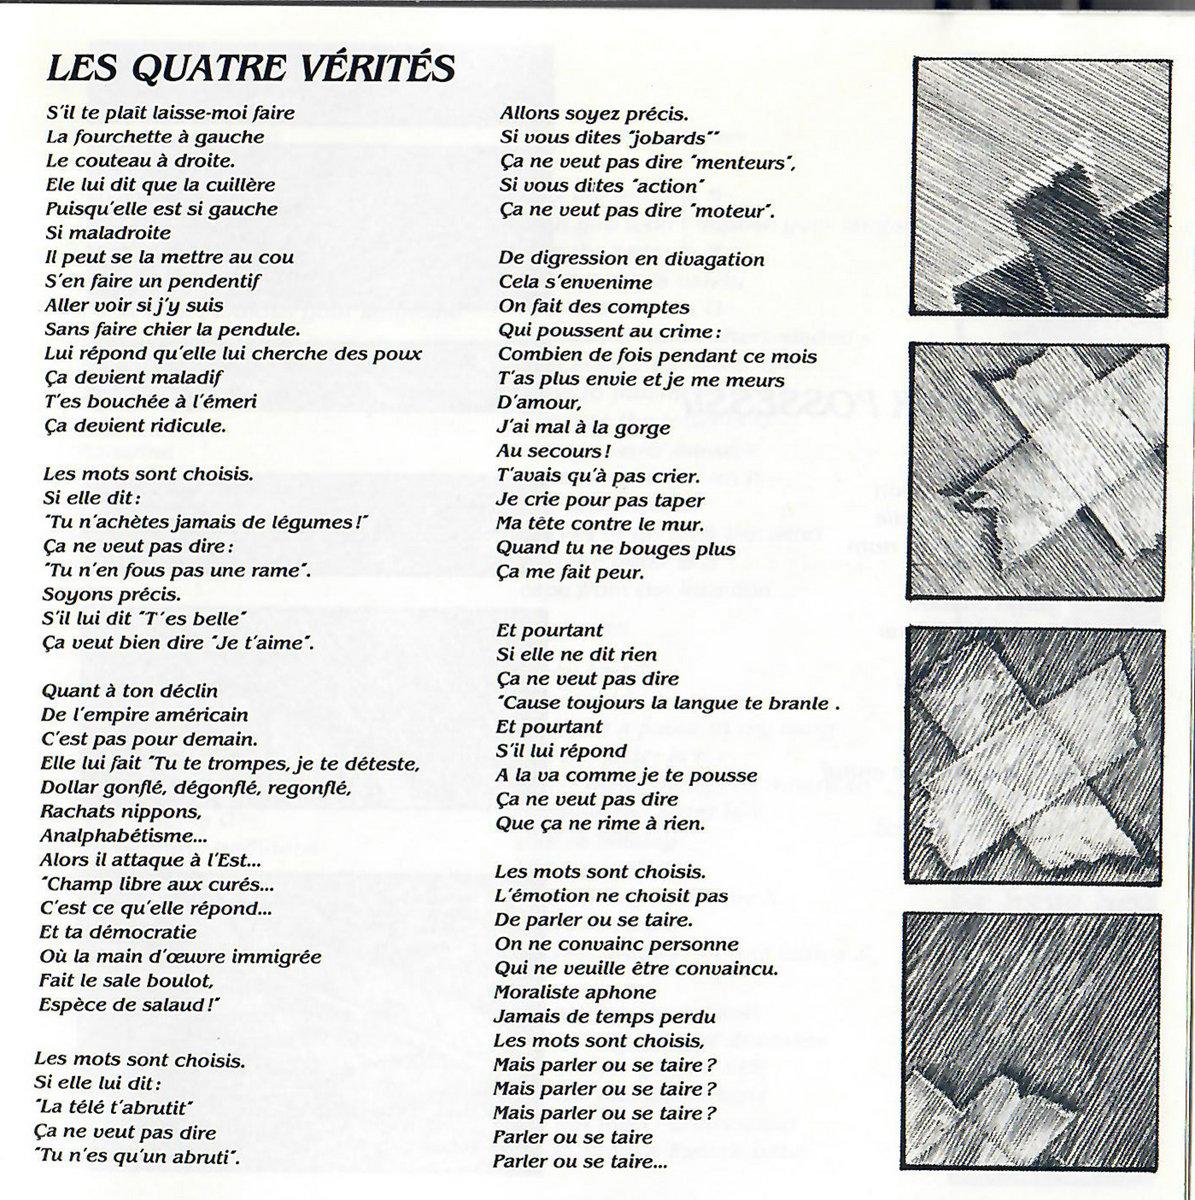 Les Quatre Vérités | Jean-Jacques Birgé pour Un Mot Pour Quatre Images